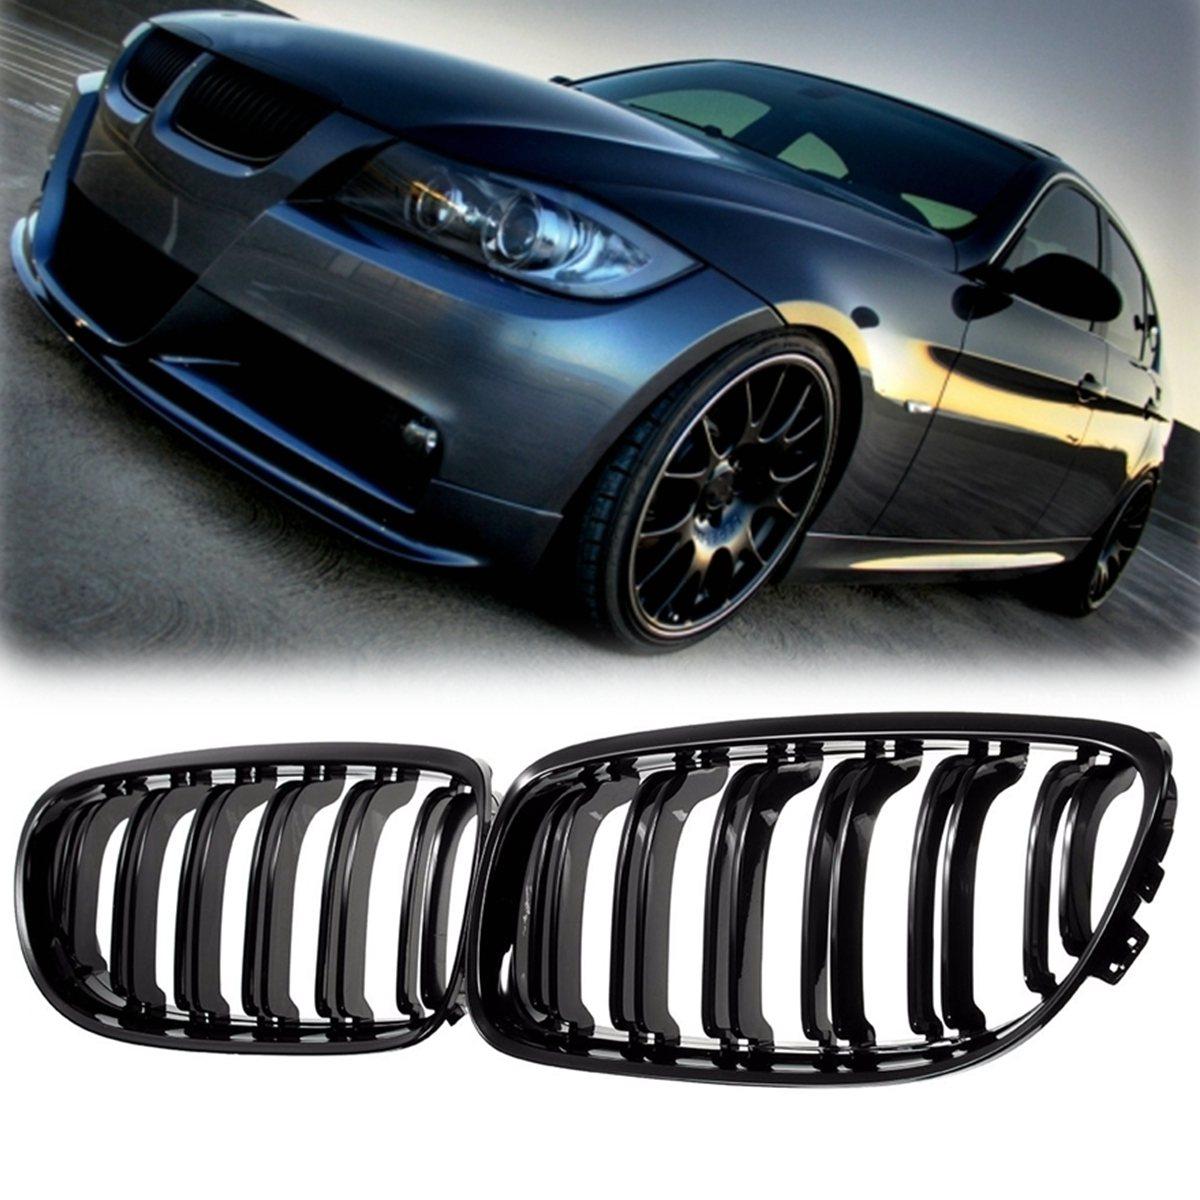 คู่ Matte/Gloss สีดำด้านหน้ากระจังหน้าสำหรับ BMW E90 LCI 3 Series ซีดาน/เกวียน 09-11 Racing Grills